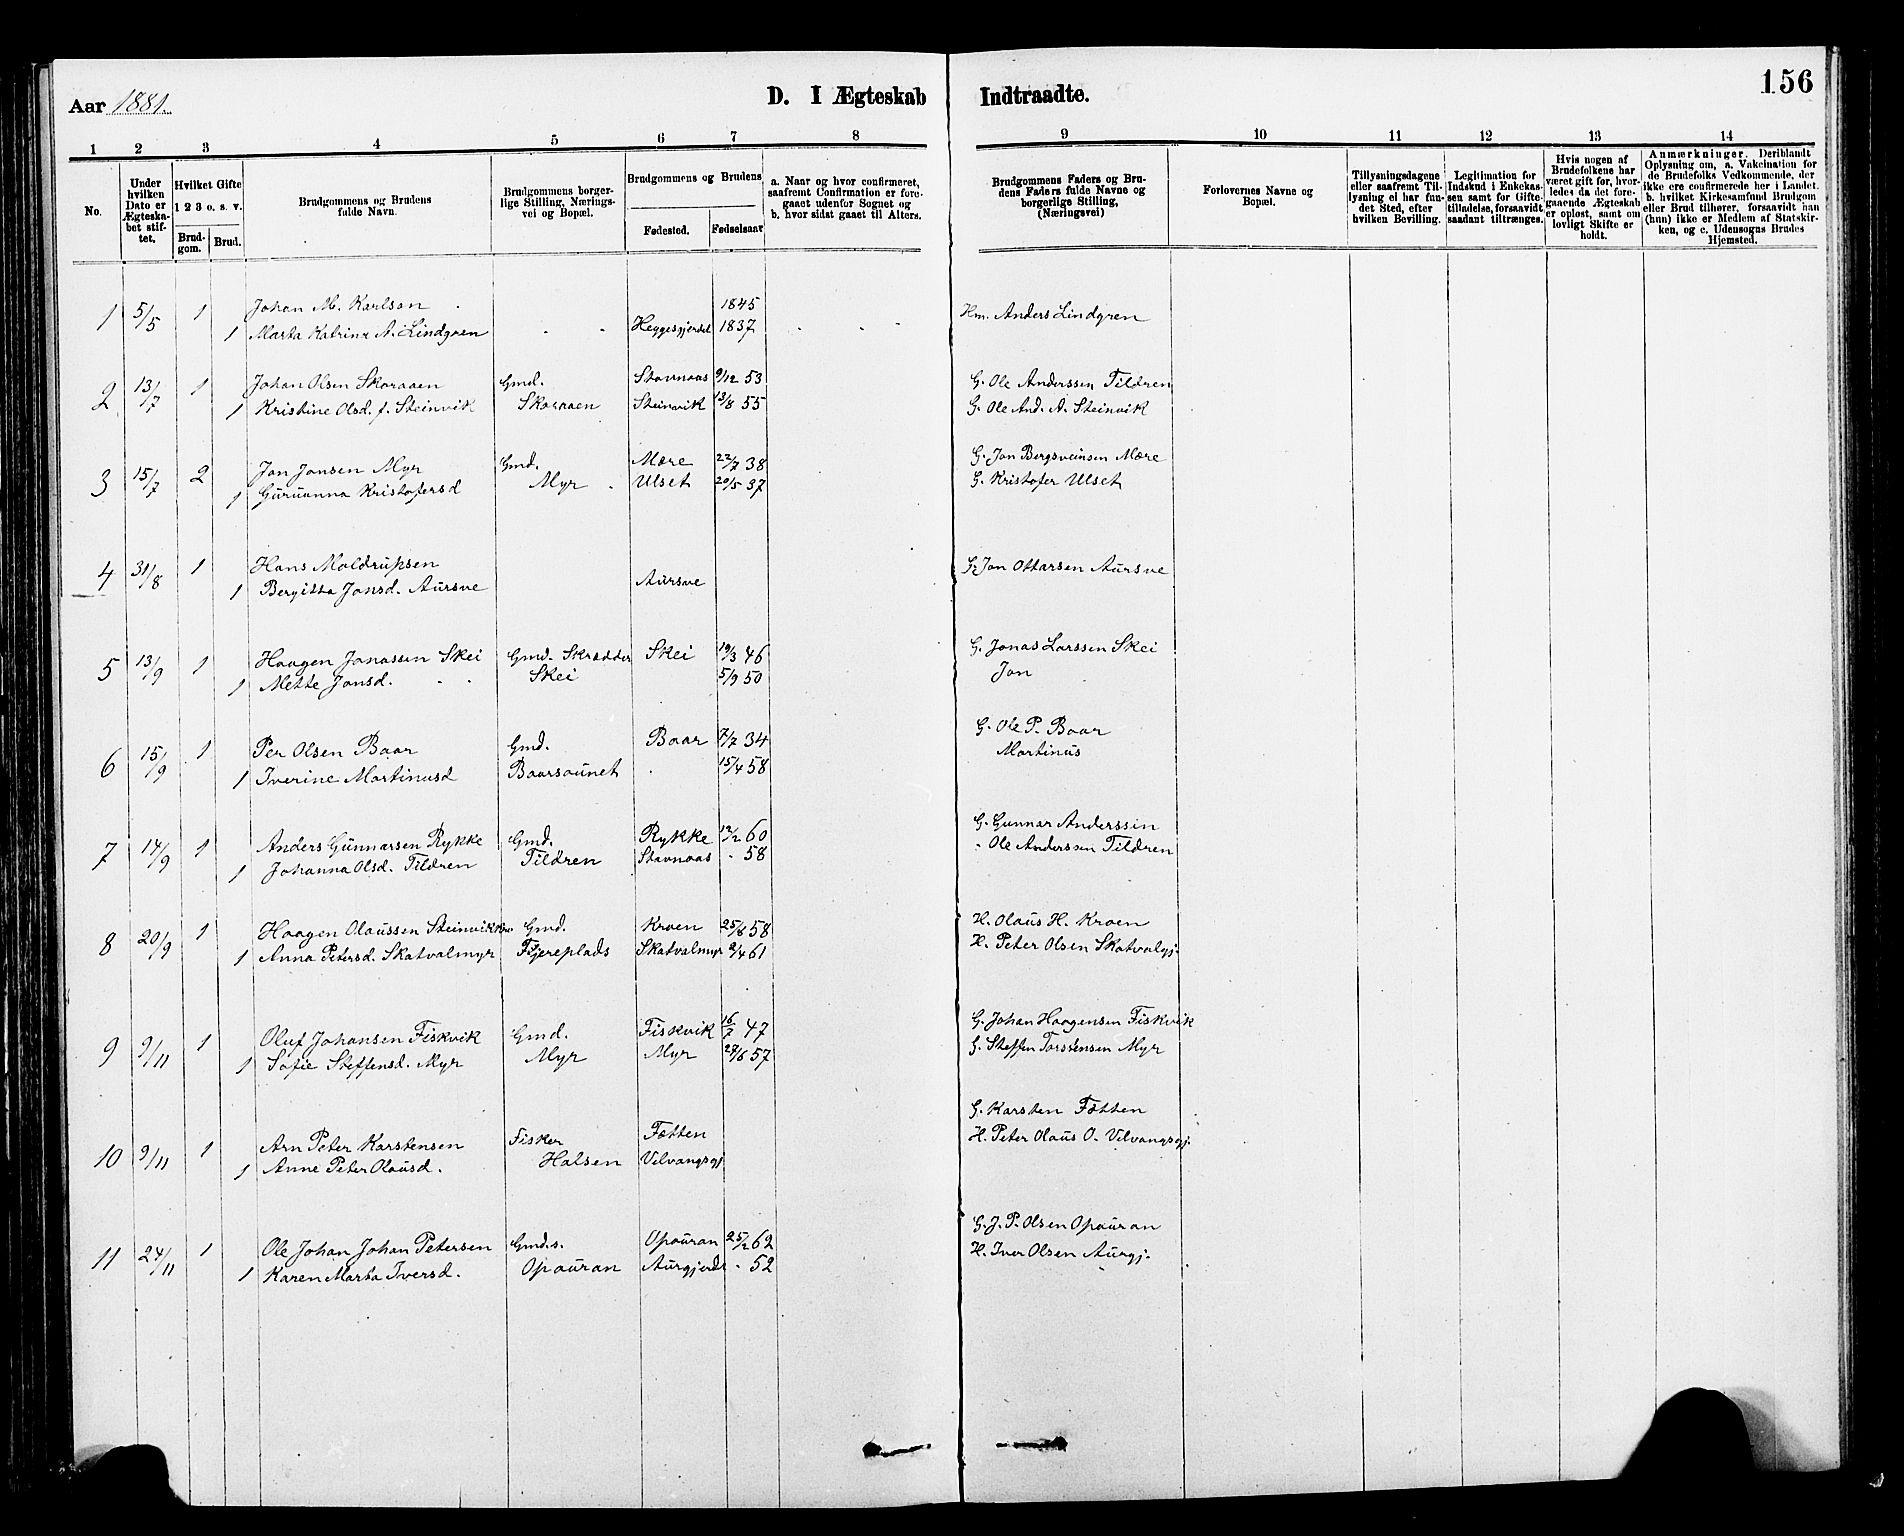 SAT, Ministerialprotokoller, klokkerbøker og fødselsregistre - Nord-Trøndelag, 712/L0103: Klokkerbok nr. 712C01, 1878-1917, s. 156